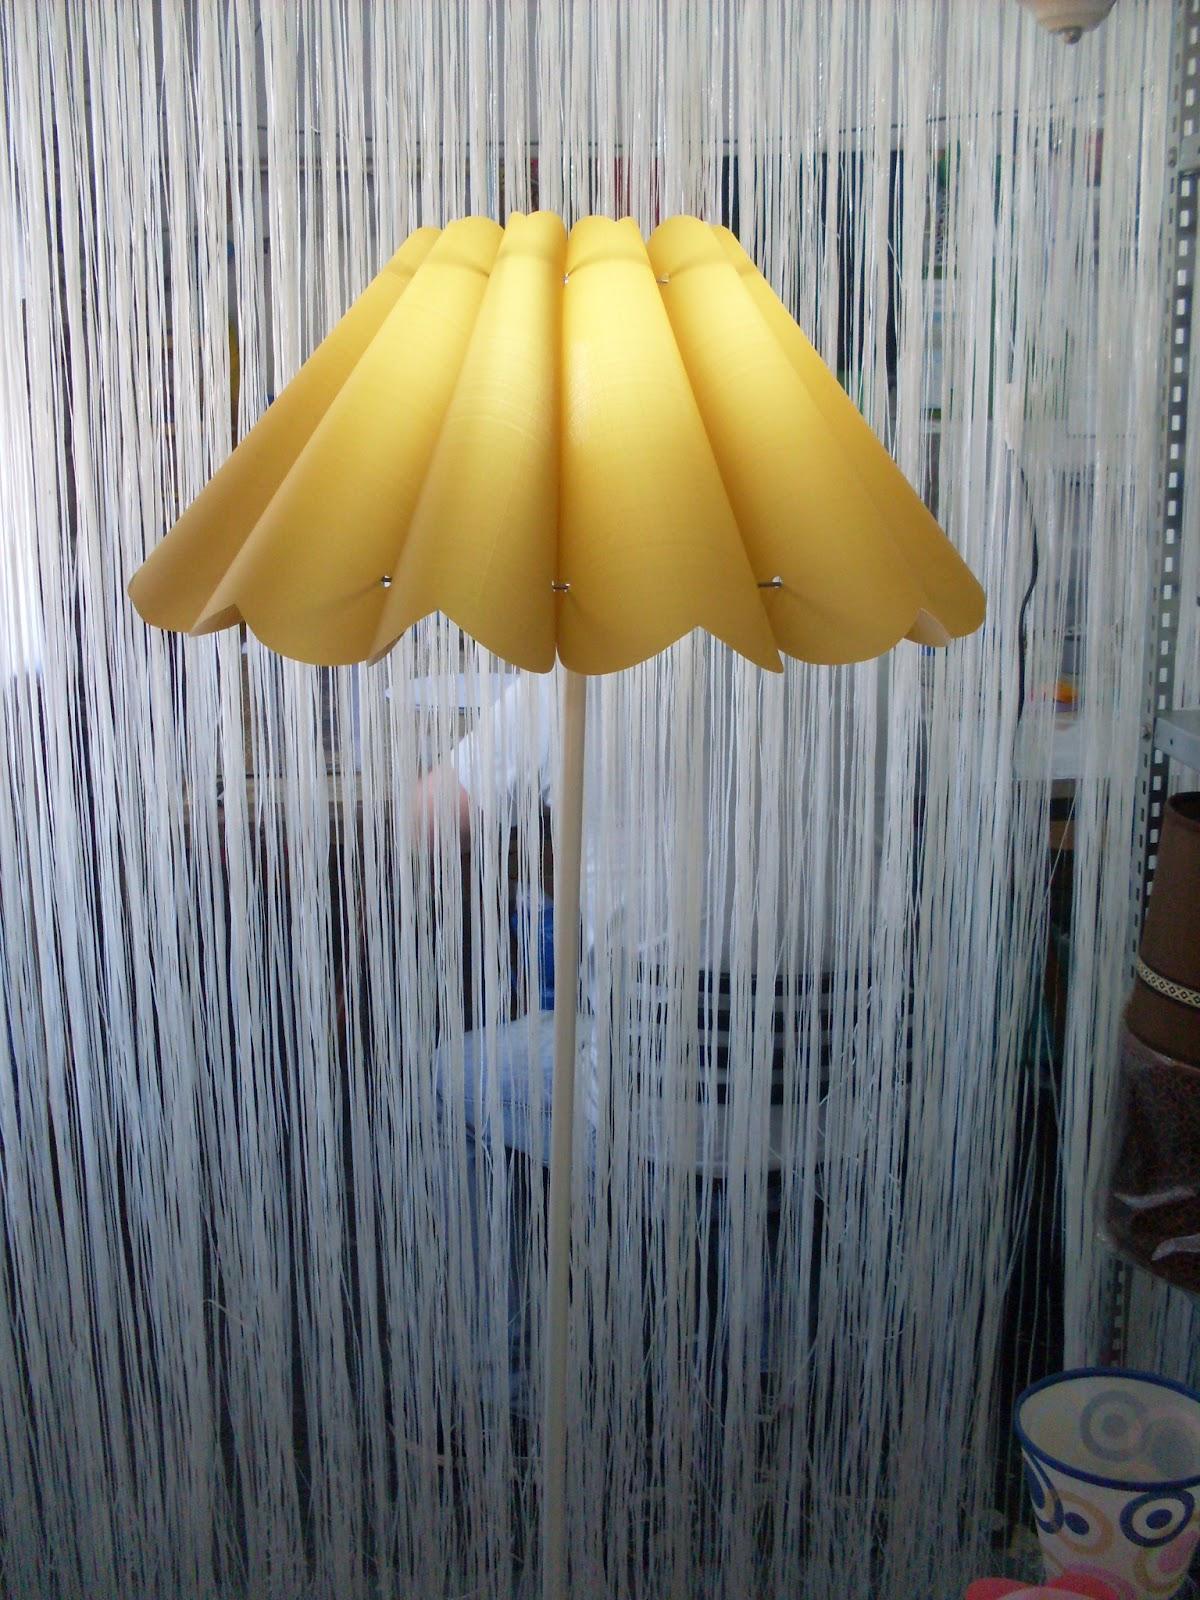 Trasluz lamparas decorativas lampara de pie plisse c811 - Lamparas decorativas de pie ...